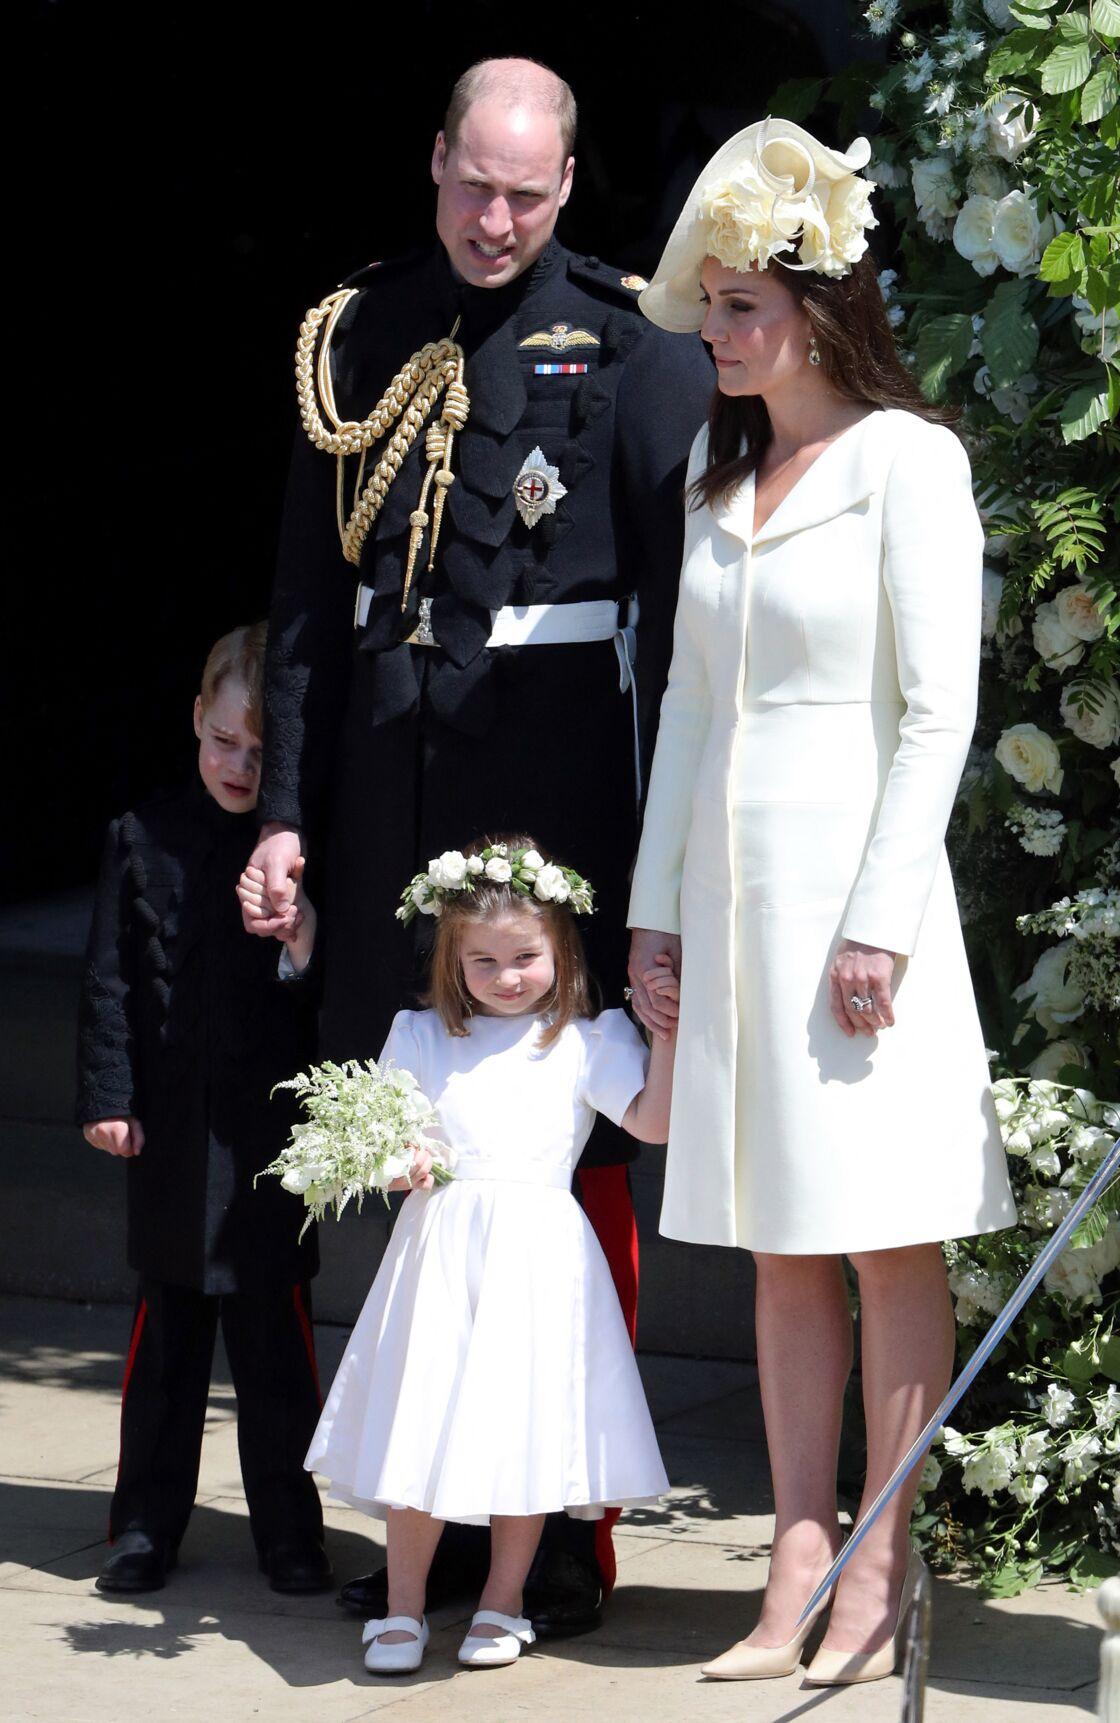 La Duchesse de Cambridge portait un ensemble immaculé lors du mariage de Meghan et Harry, le 19 mai 2018.